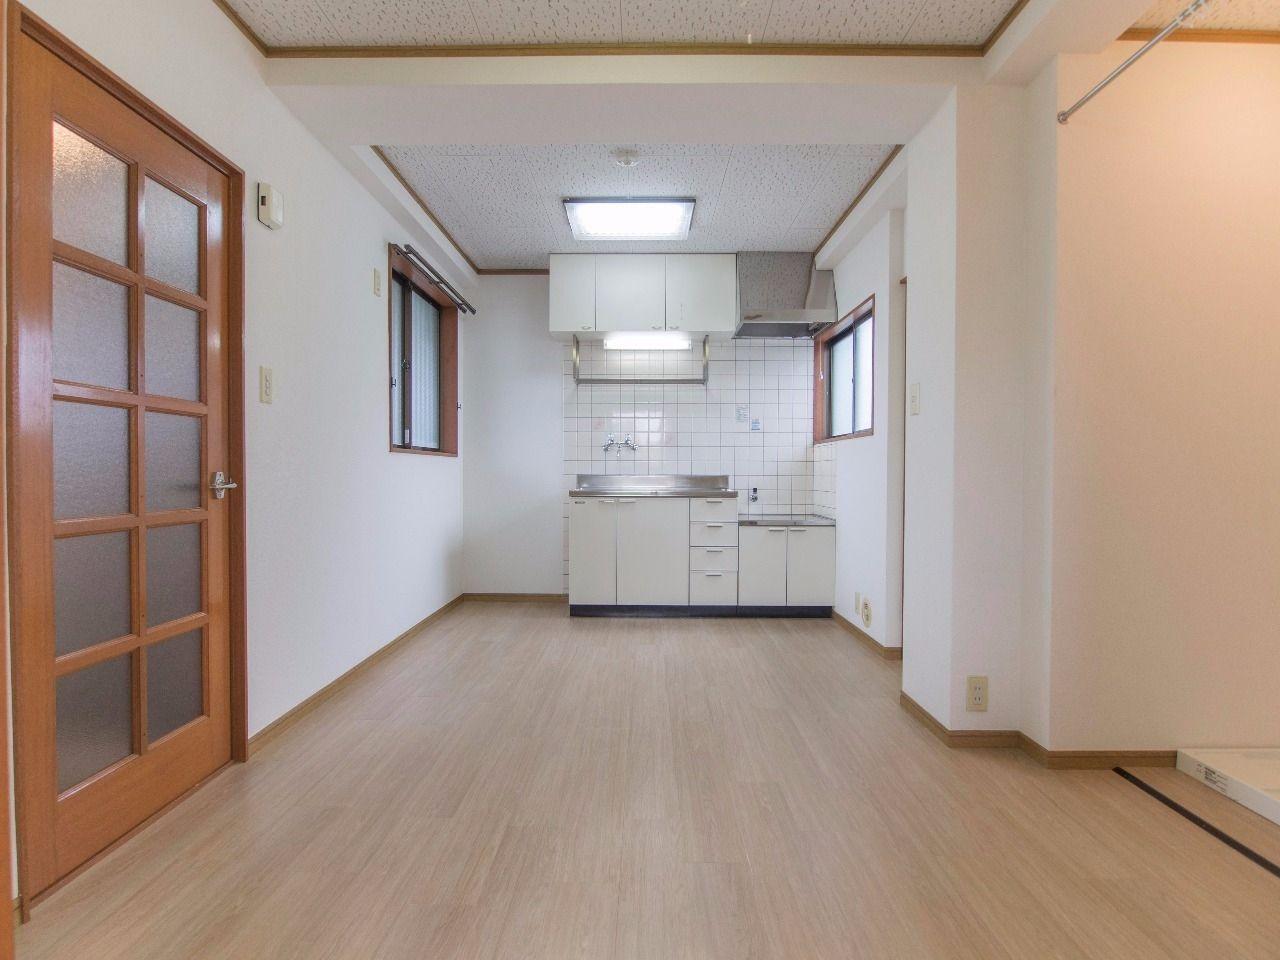 大きく使える壁付キッチン